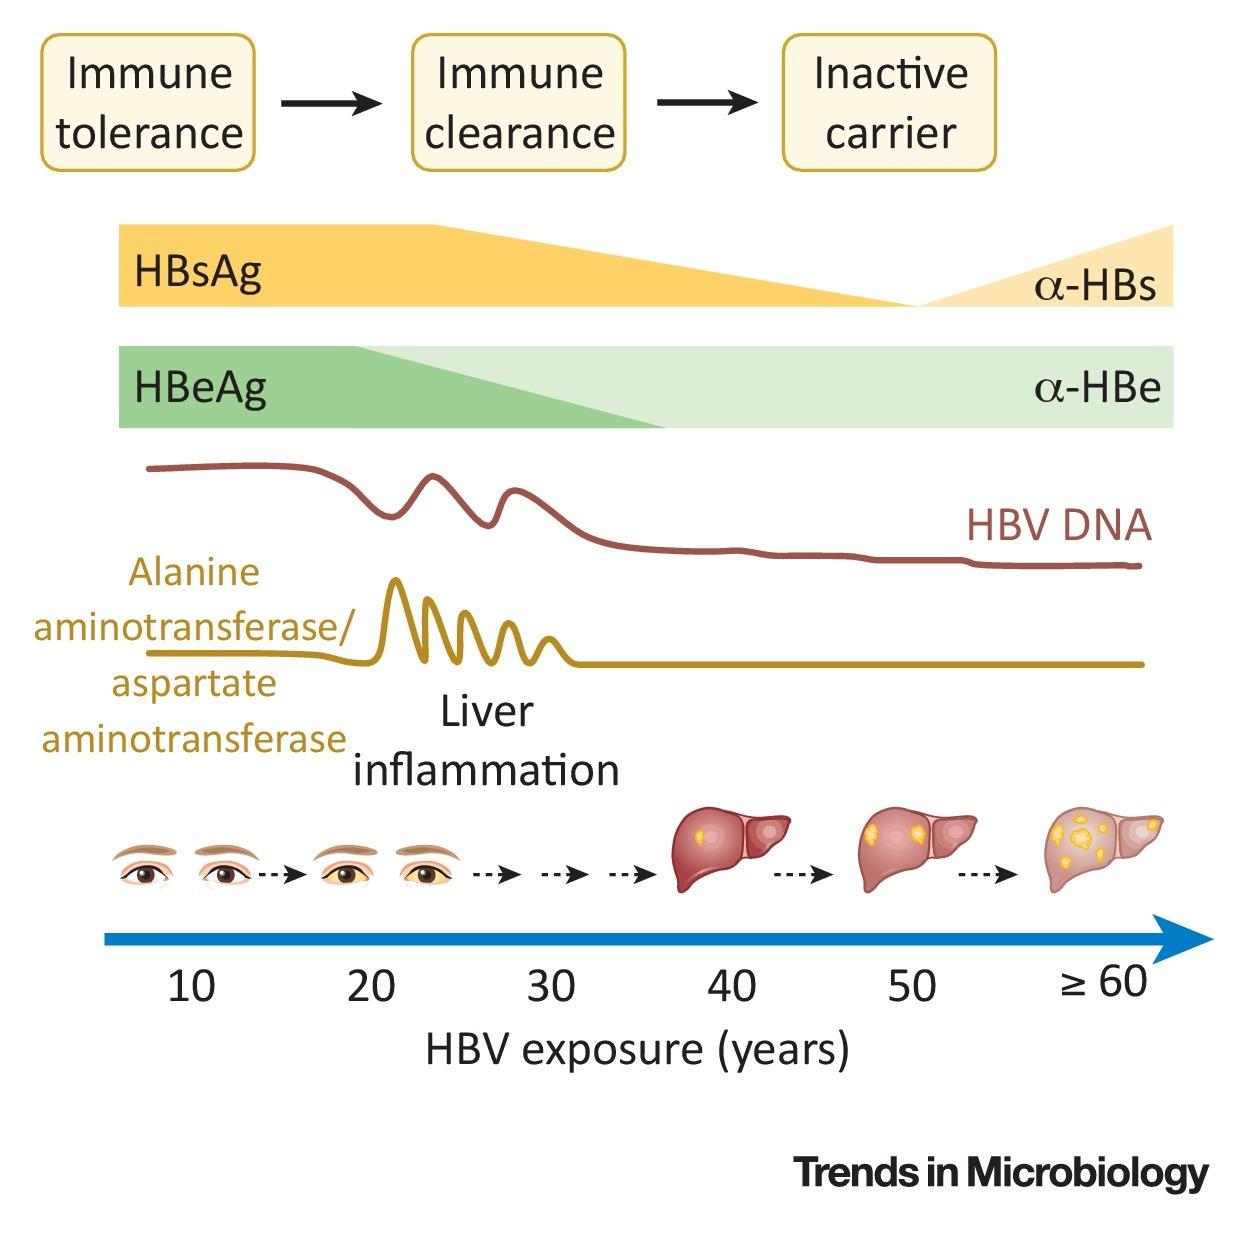 Hepatitis B Virus Trends In Microbiology